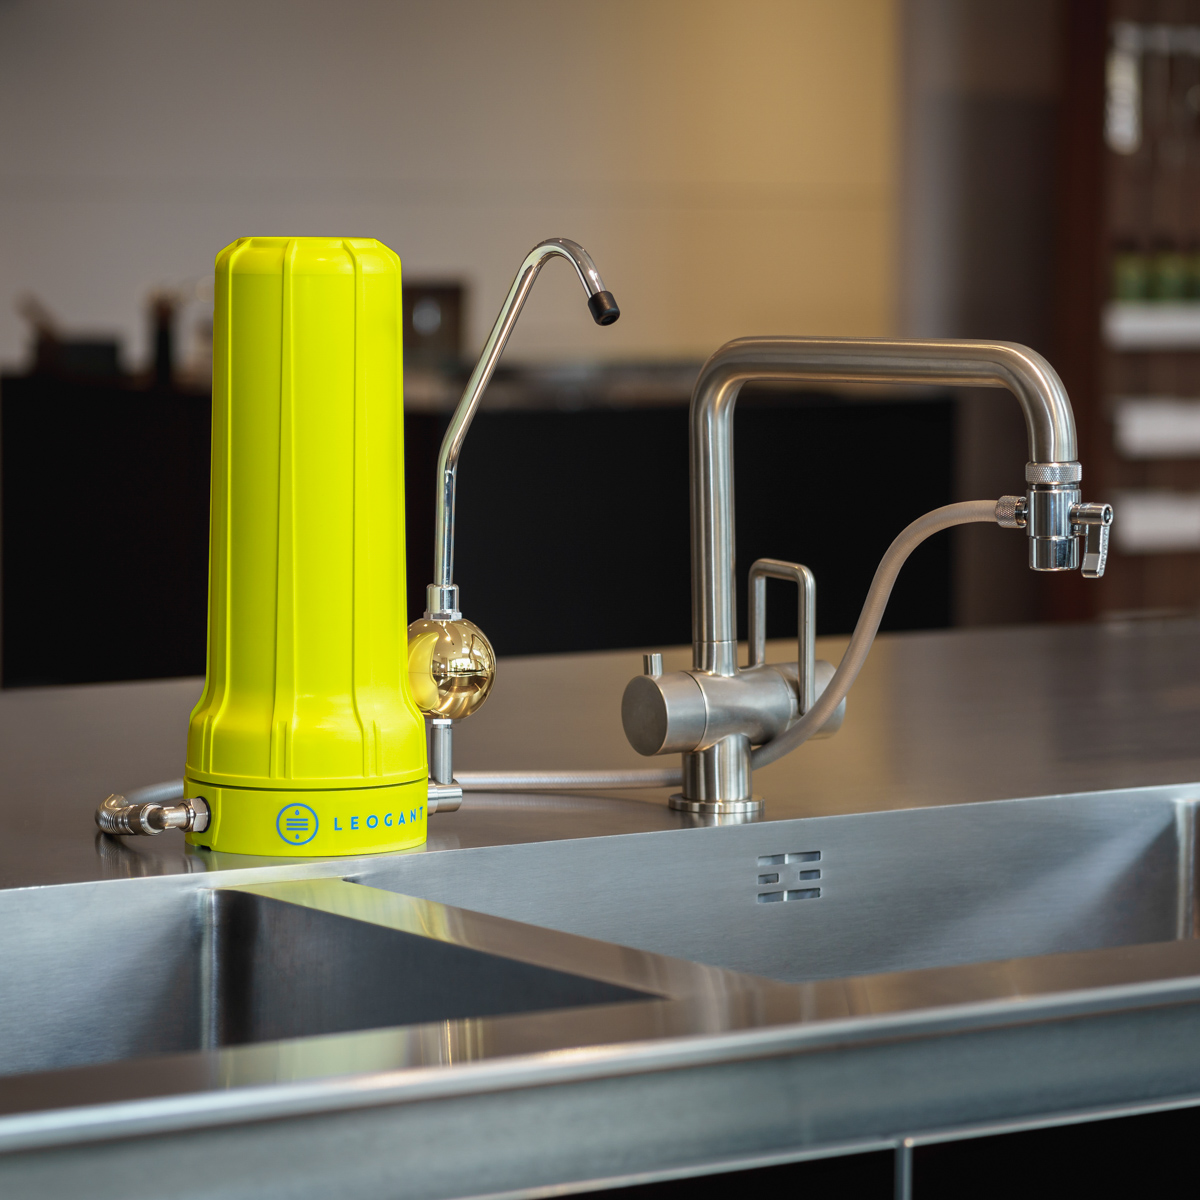 Leogant Wasserfilter und -vitalisierung-2